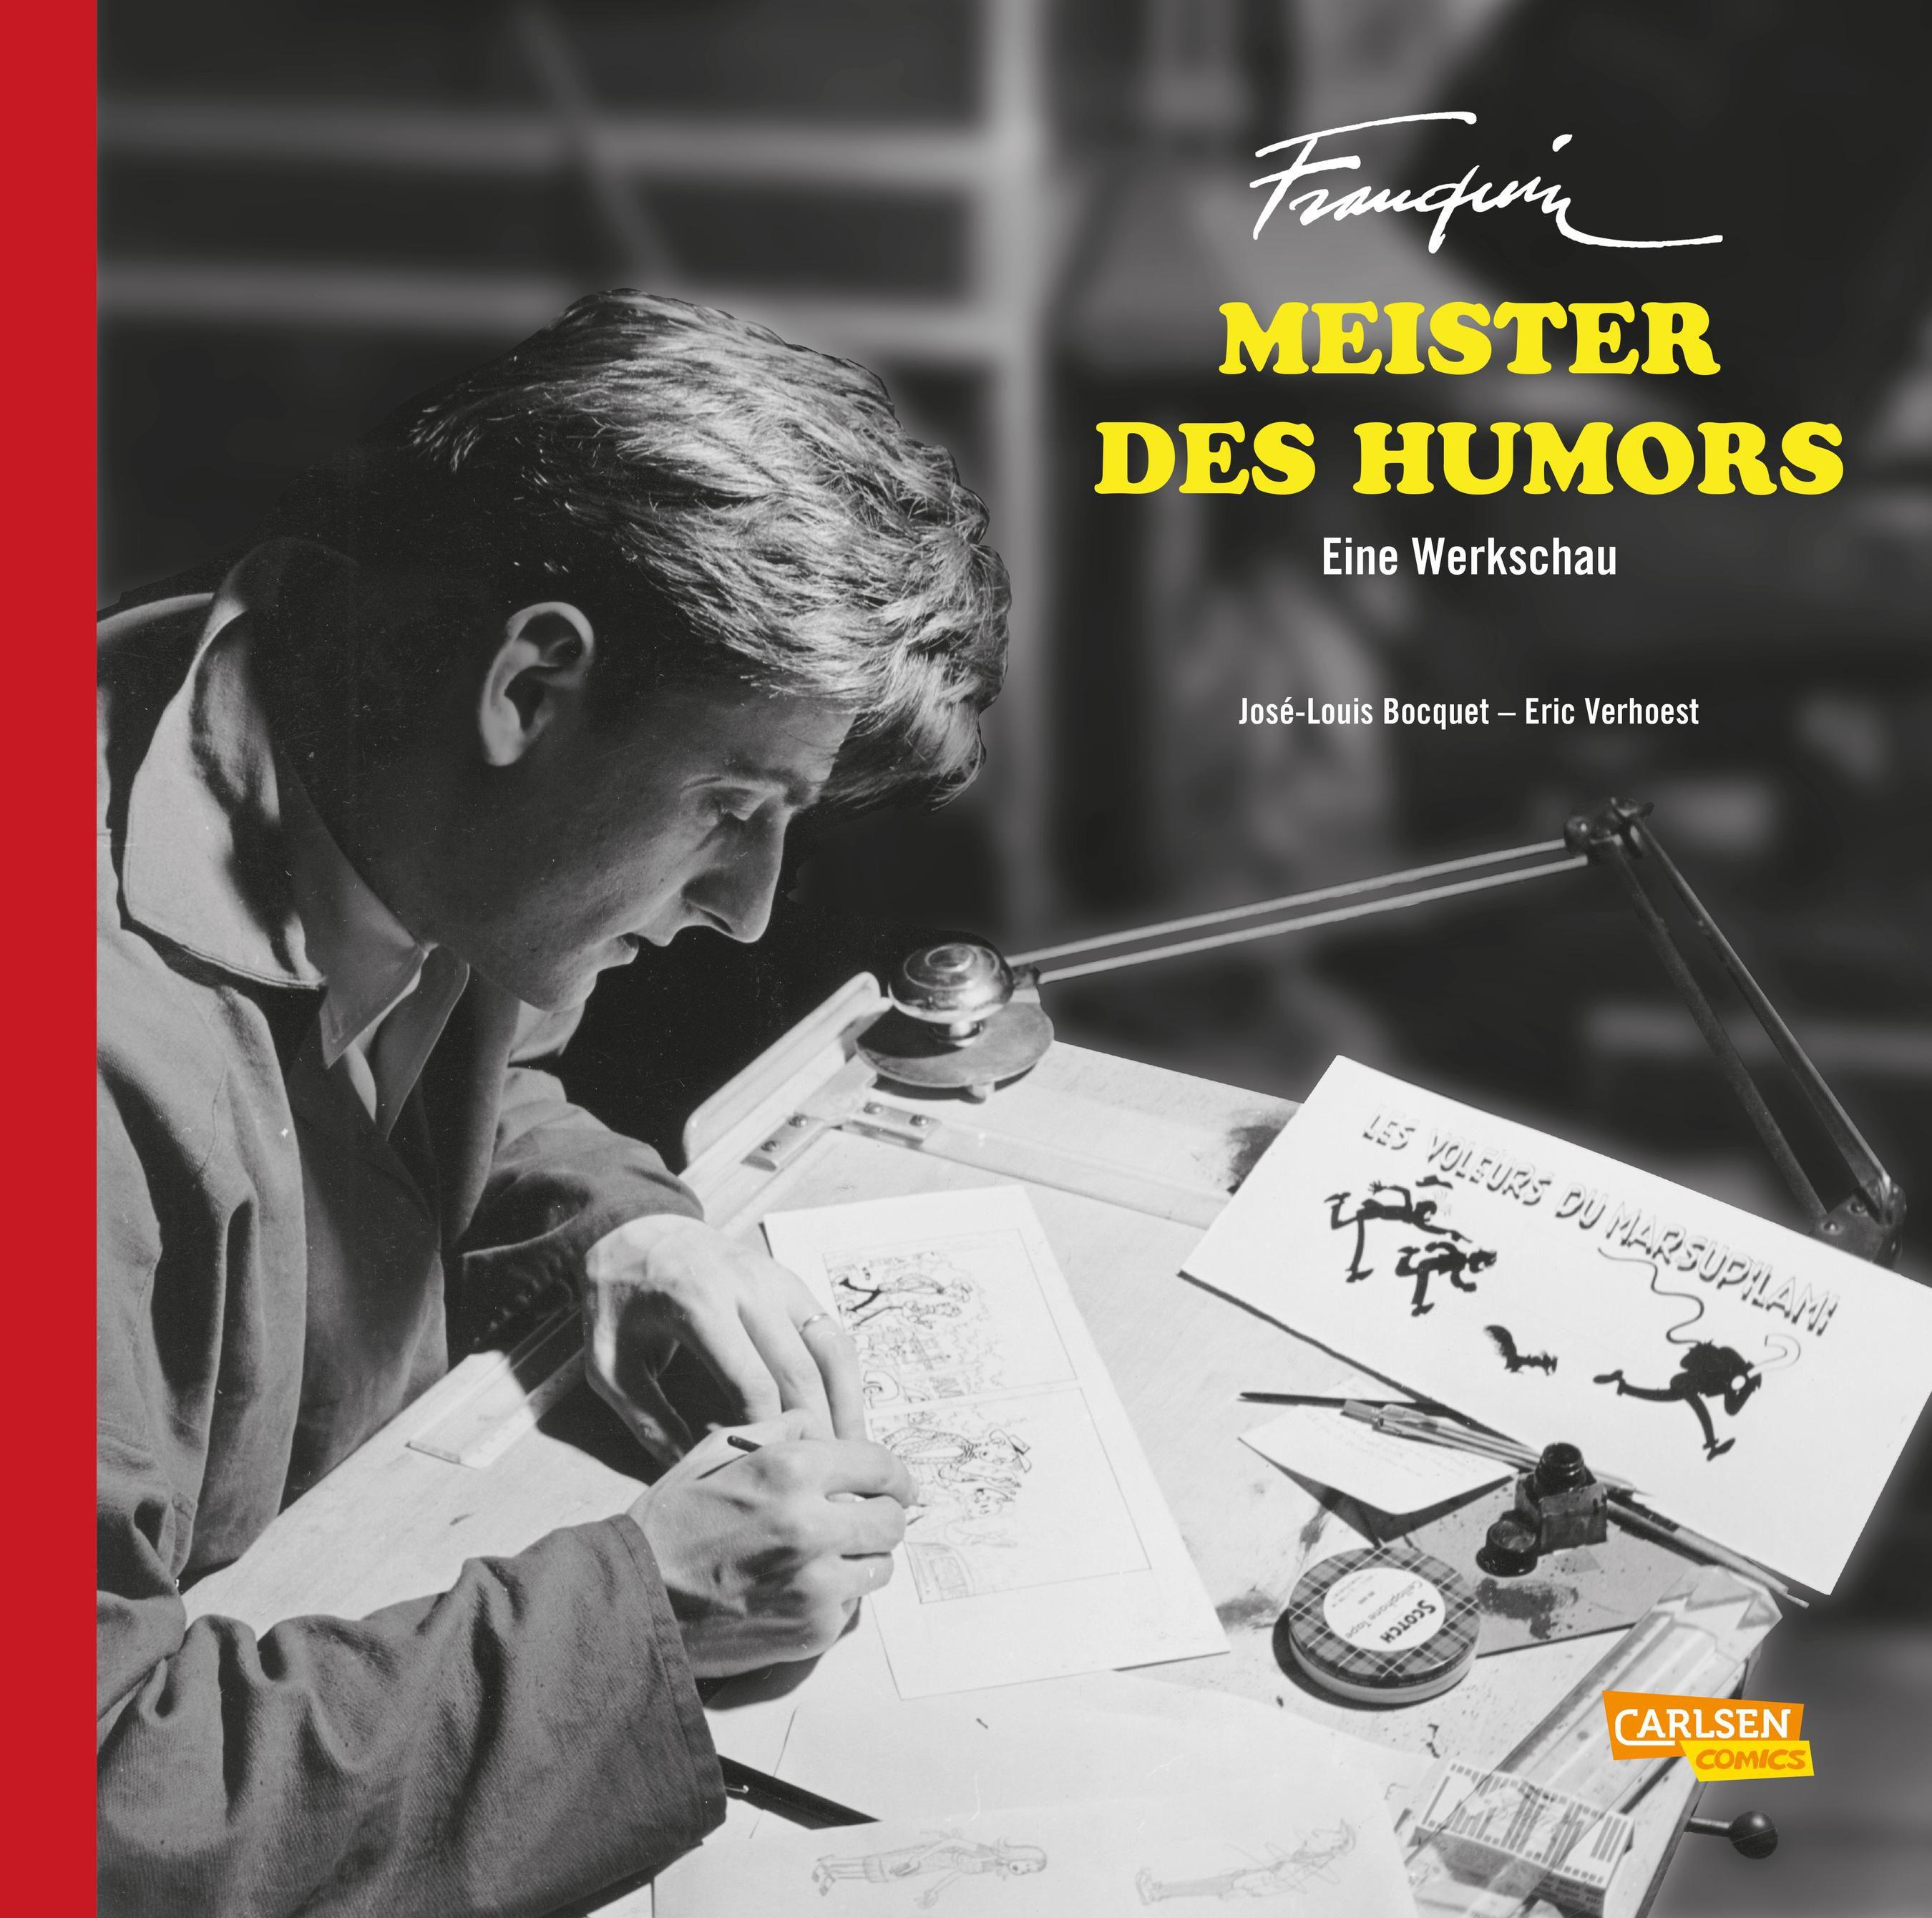 Jose-Louis-Bocquet-Franquin-Meister-des-Humors-Eine-Werkschau9783551714299